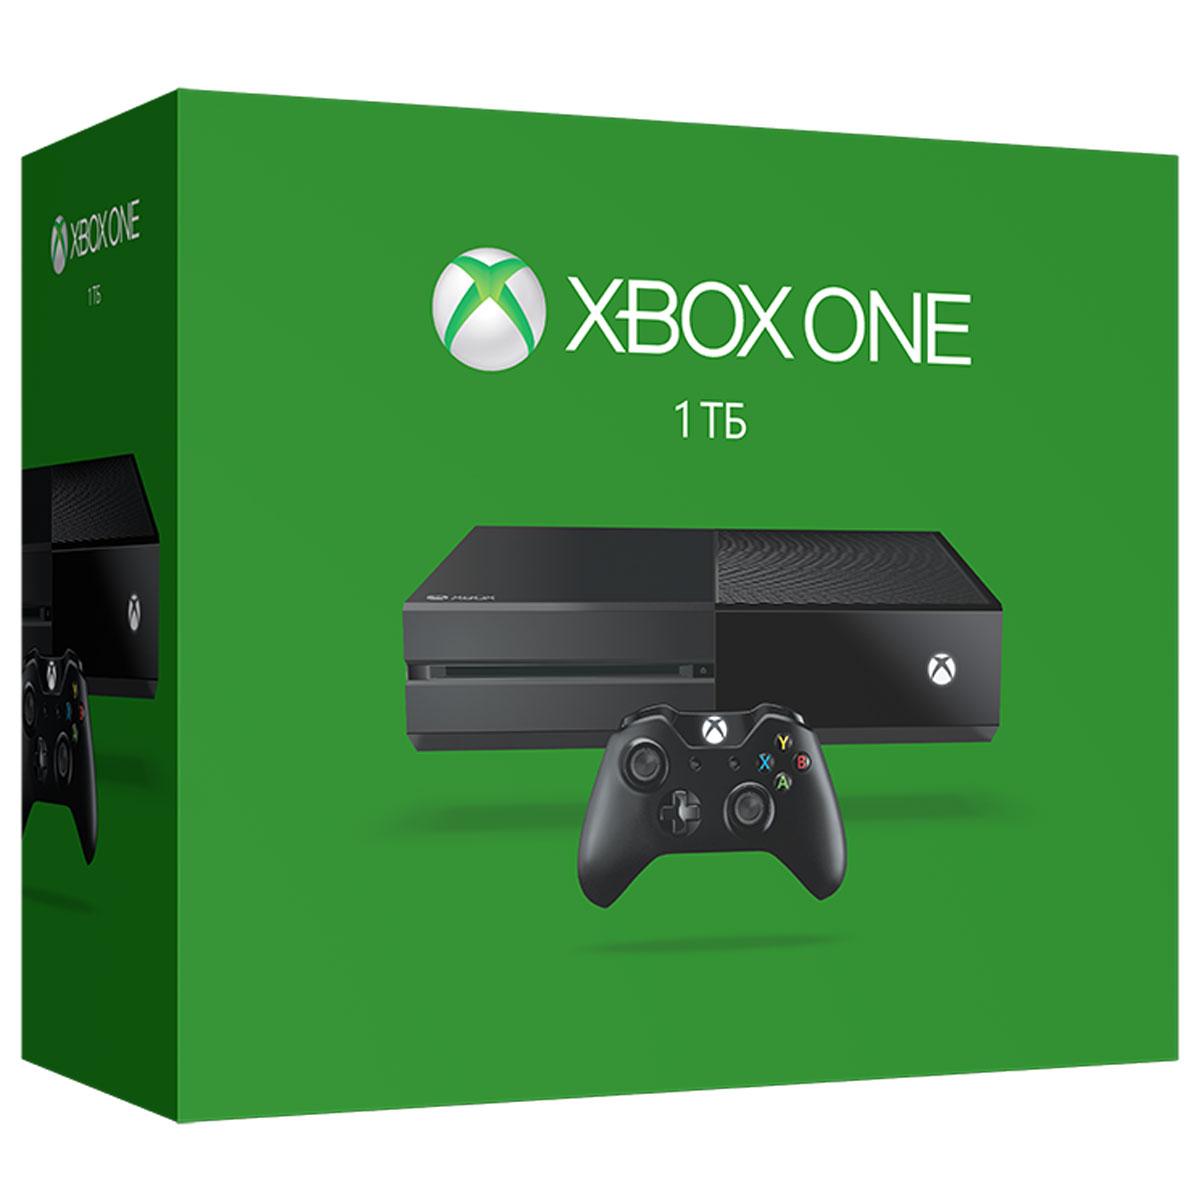 Игровая приставка Xbox One 1 ТБ5C6-00061Xbox One - игровая консоль компании Microsoft c лучшими играми и самым продвинутым мультиплеером за всю историю Xbox. Благодаря регулярным обновлениям и улучшениям Xbox One дает больше возможностей в любимых играх. С помощью стриминга можно играть в игры с Xbox One на любом домашнем ПК или планшете с Windows 10.Не забудьте приобрести подписку Xbox Live Gold (https://www.ozon.ru/context/detail/id/7102216/?item=28577322).4 причины купить Xbox One:Лучшая линейка игр в истории Xbox. Играйте в такие эксклюзивы, как Halo 5: Guardians, Forza Motorsport 6, Gears of War: Ultimate Edition и Quantum Break. Приобретите такие блокбастеры, как Fallout 4, FIFA 16 и Tom Clancys Rainbow Six Siege. Xbox One - это единственная консоль, где вы можете играть в новинки от EA до их официального запуска в течение ограниченного времени с подпиской EA AccessИграйте в игры Xbox 360 на Xbox One. На Xbox One работает функция обратной совместимости, которая позволяет играть в свои любимые игры Xbox 360 на консоли Xbox One без какой-либо дополнительной платы. Количество игр, участвующих в программе, постоянно растет и сейчас составляет более 100 наименований. Xbox Live - международное игровое сообщество. Играйте с друзьями в самой продвинутой многопользовательской сети: сотни тысяч серверов по всему миру обеспечивают максимальную производительность, минимальные задержки и предотвращают читинг.Игры и развлечения вместе. Легко и быстро переключайтесь между играми и приложениями. Используйте такие популярные сервисы, как Skype, ivi.ru, Россия ТВ, Netflix и EA Access.